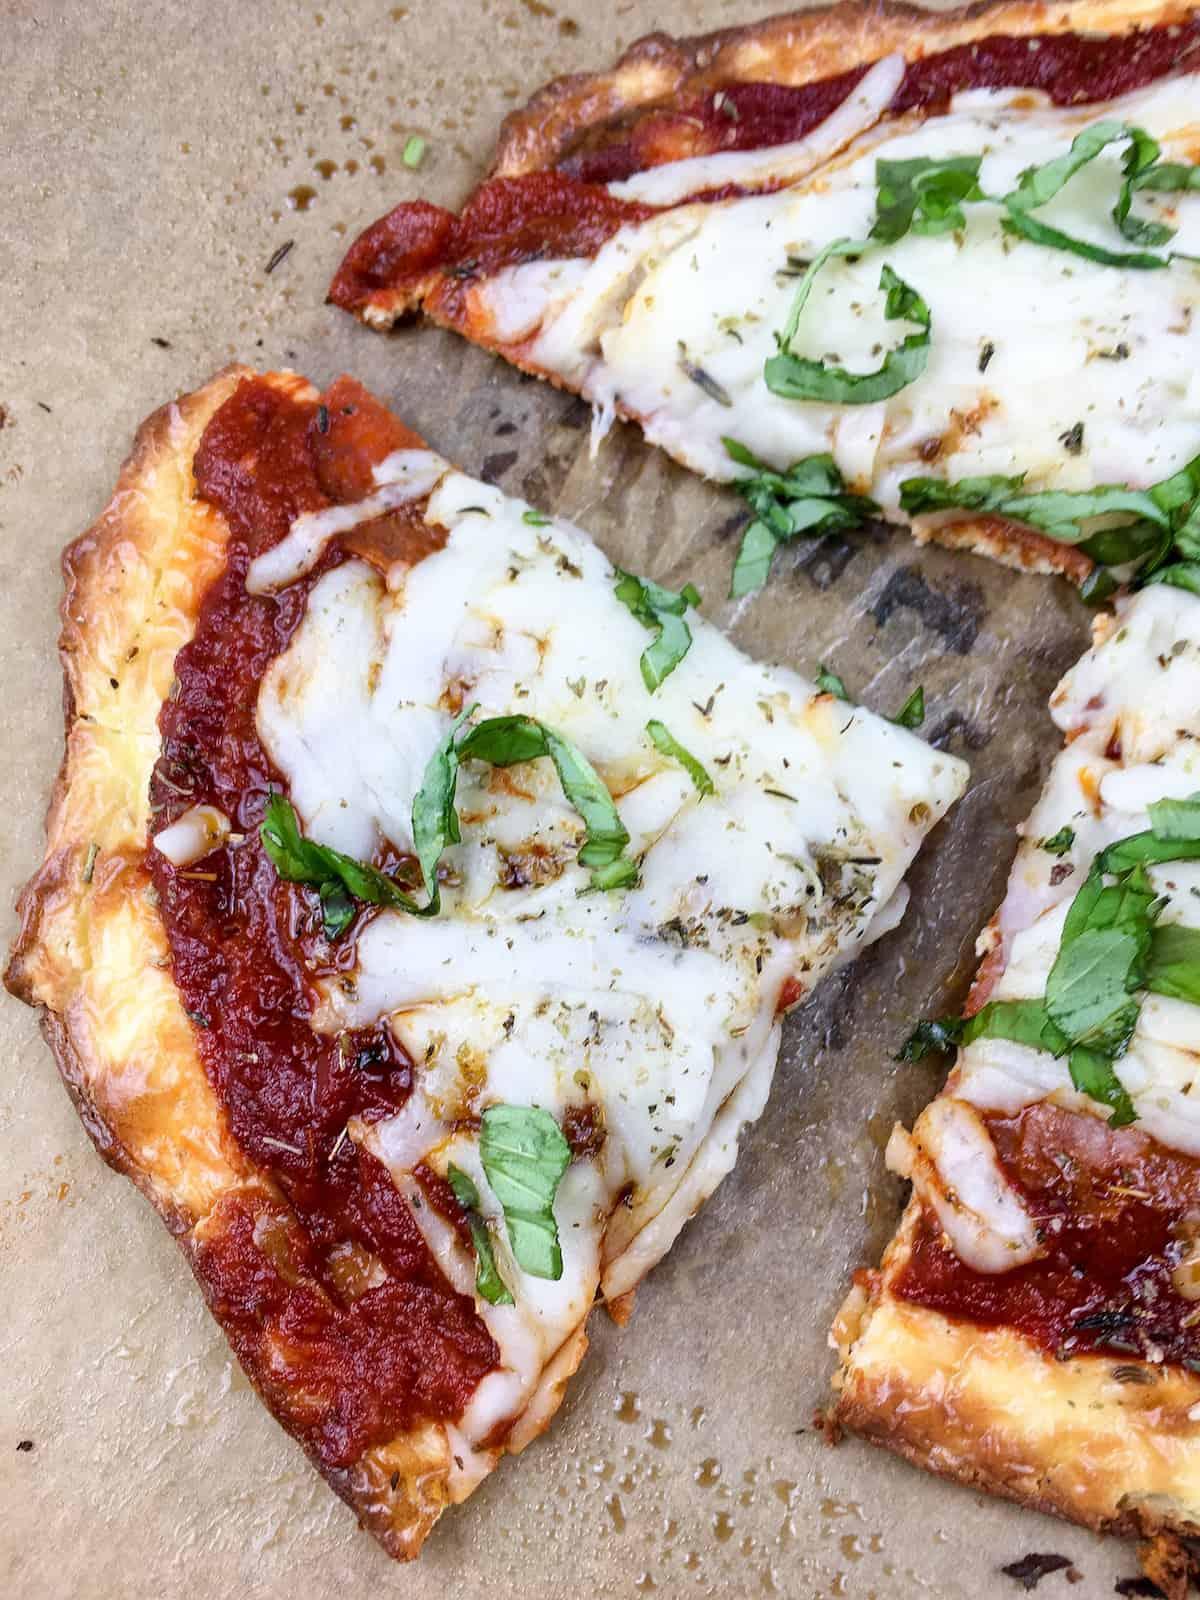 Keto Basil Pizza Recipe - iSaveA2Z.com